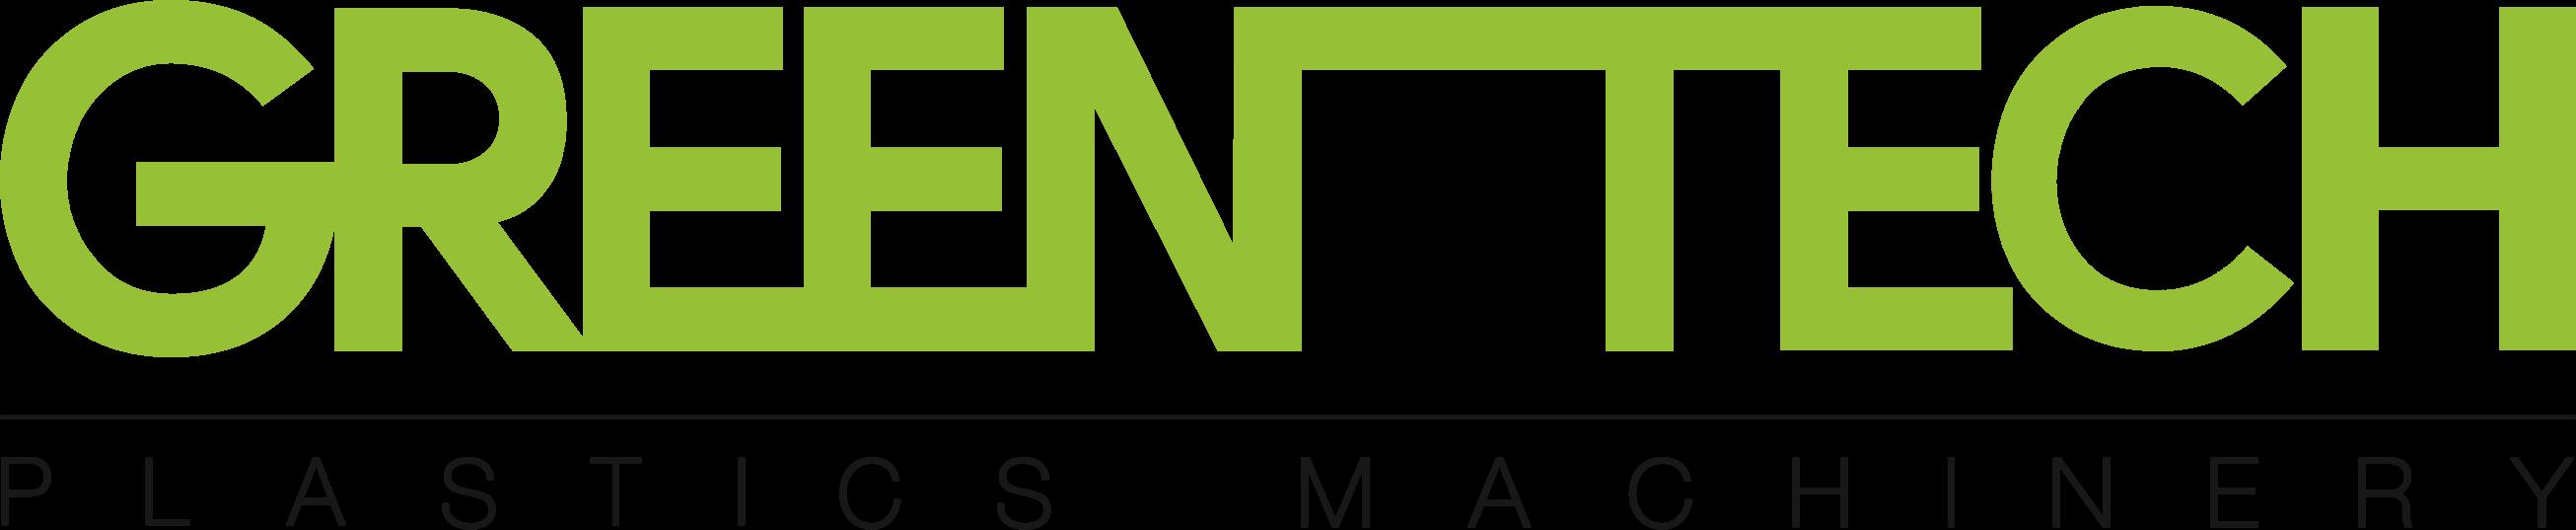 Web Logo | GreenTech Machinery